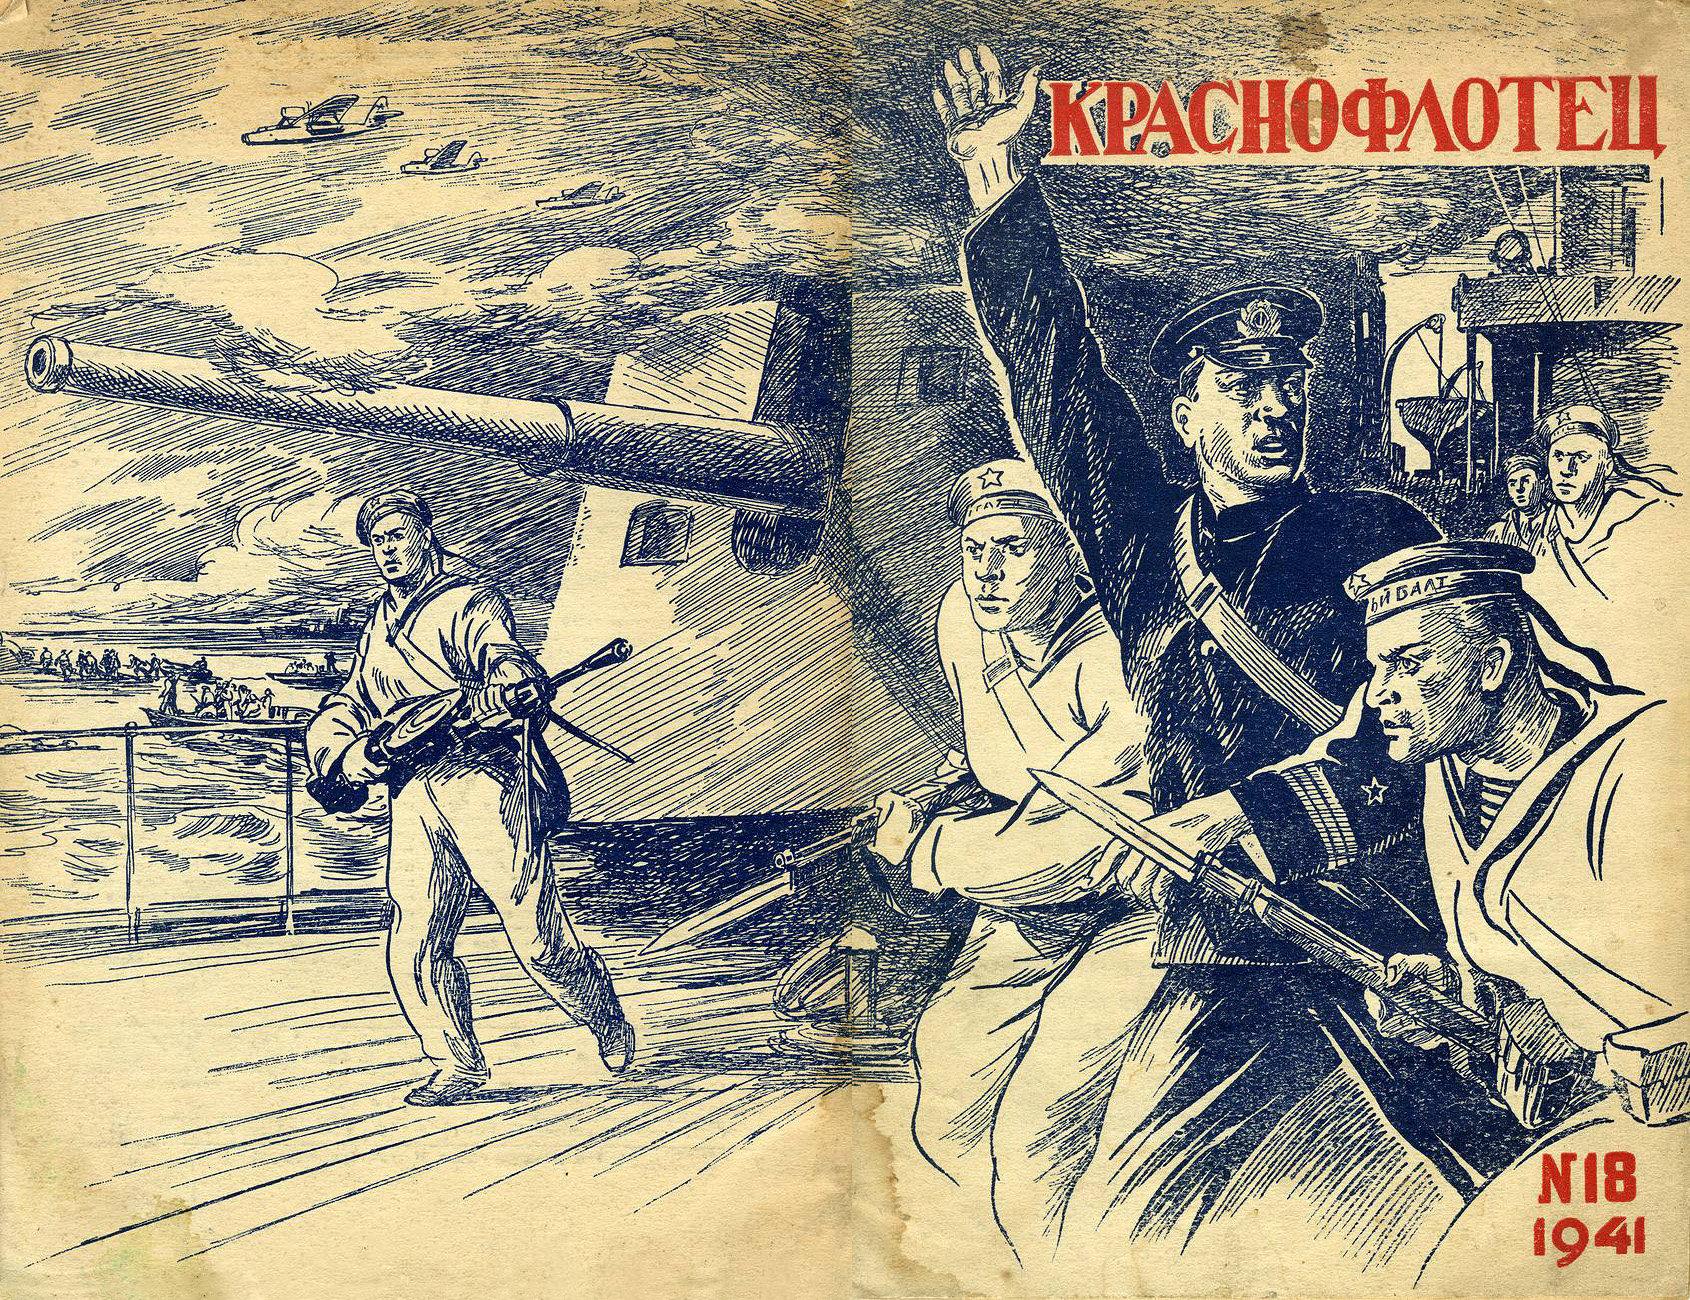 Краснофлотец № 18, сентябрь 1941 обложка